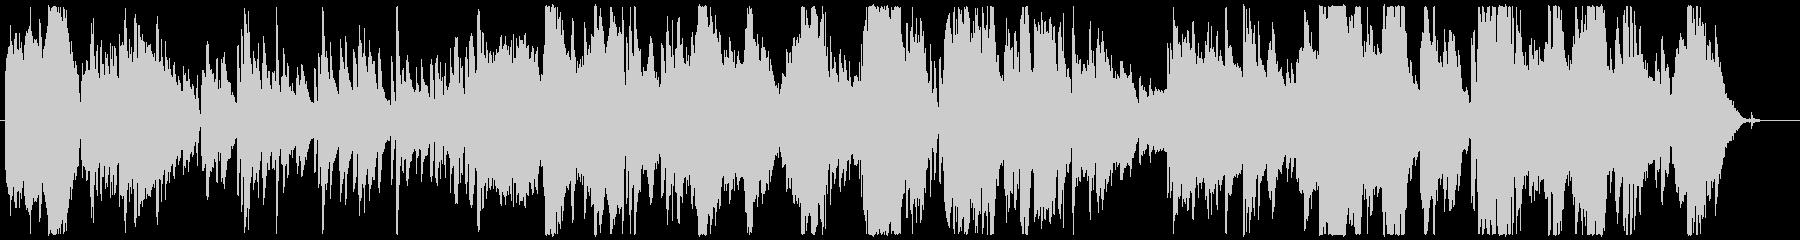 物語の導入部に最適なミステリアスな序奏の未再生の波形